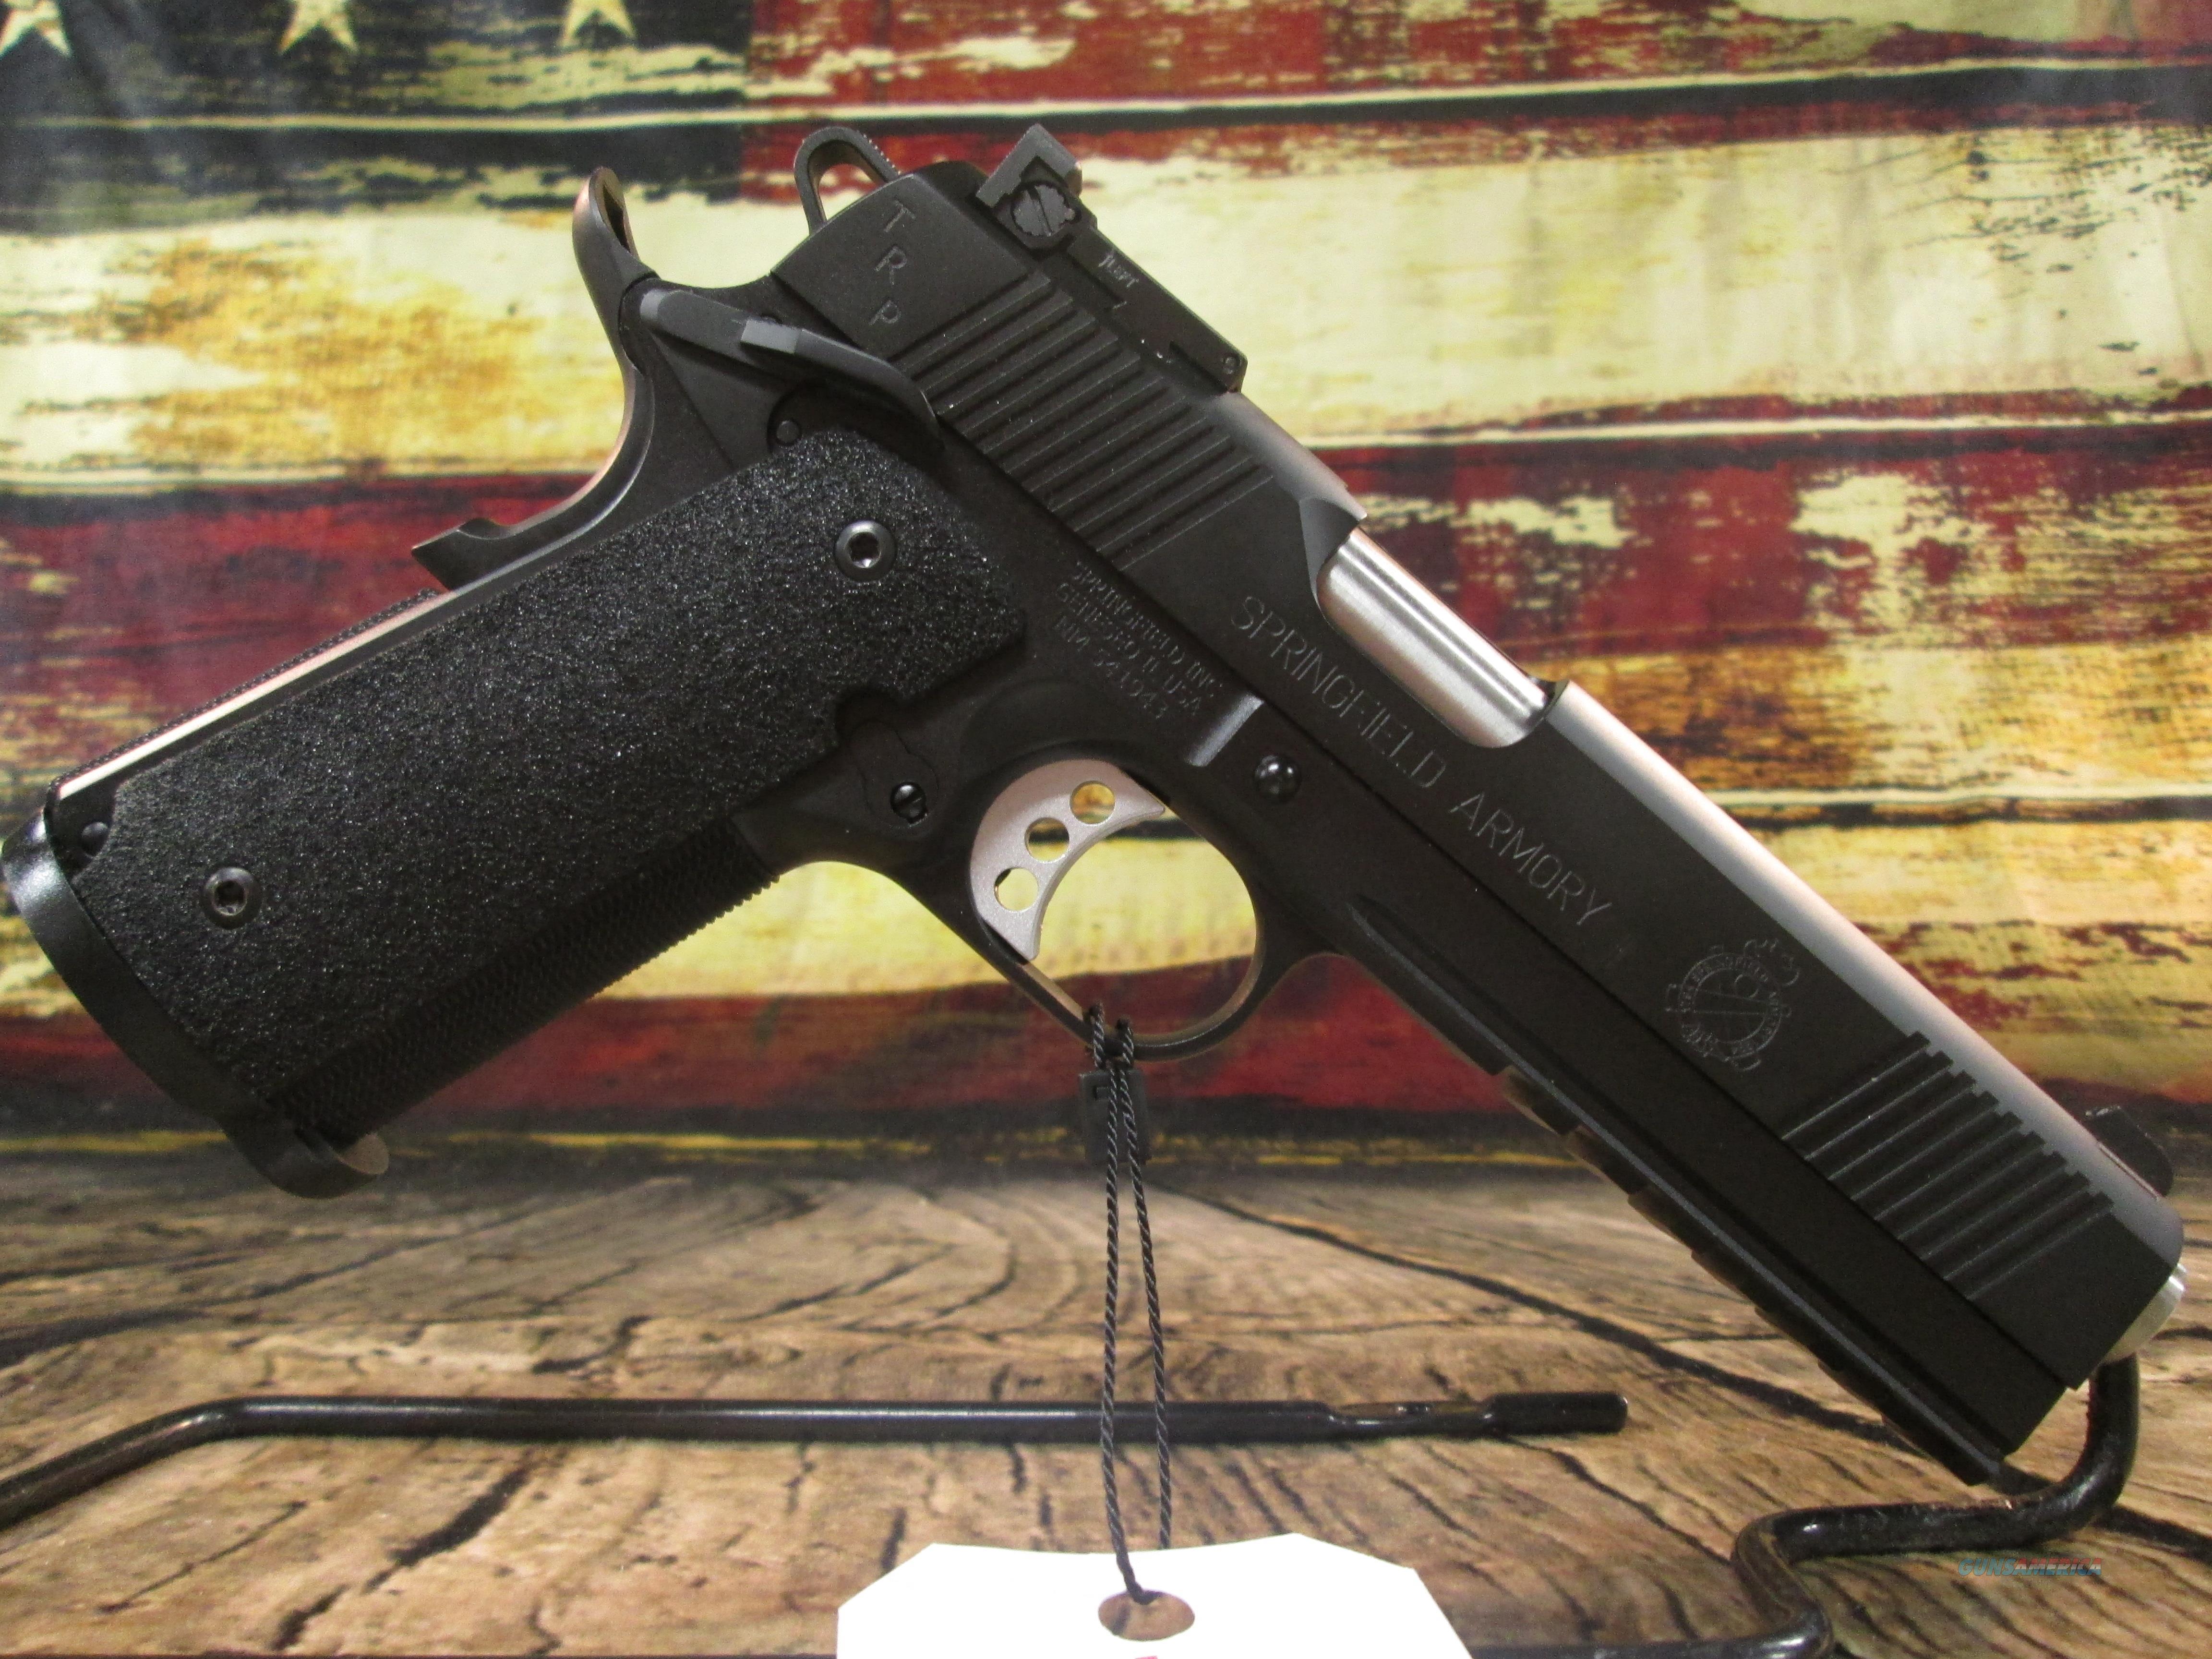 """Springfield Armory 1911 5"""" TRP Operator 45 ACP New (PC9105LCA)  Guns > Pistols > Springfield Armory Pistols > 1911 Type"""